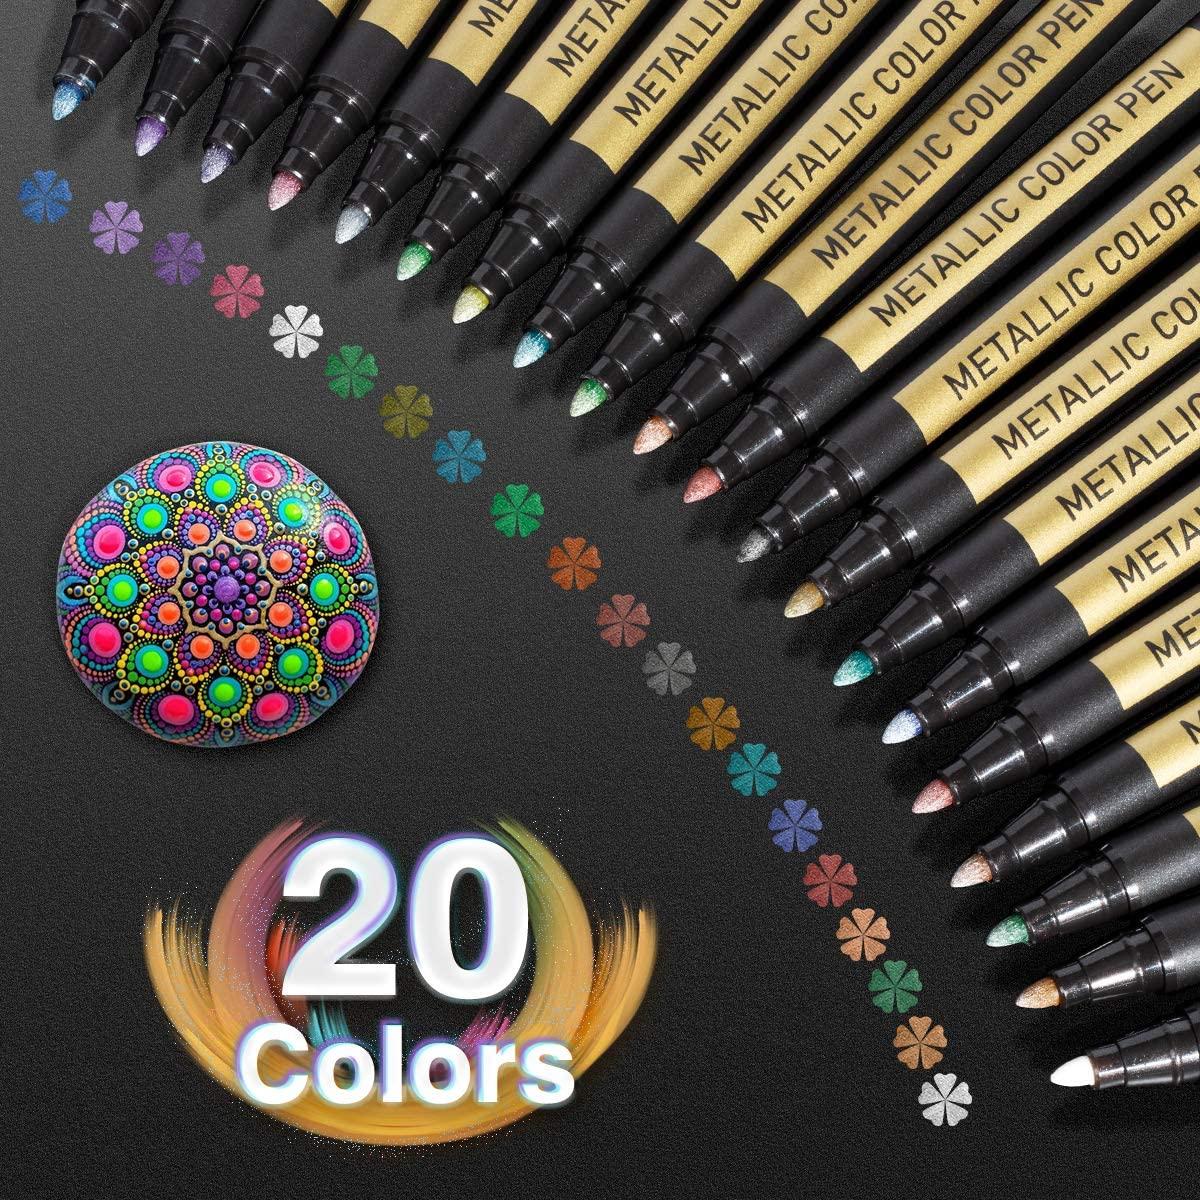 Rotulador de pintura metálico de 10/20 colores, rotulador de pintura permanente, pintura en roca, álbum de fotos, libro de recortes, madera, lienzo, marcador de tarjetas de arte